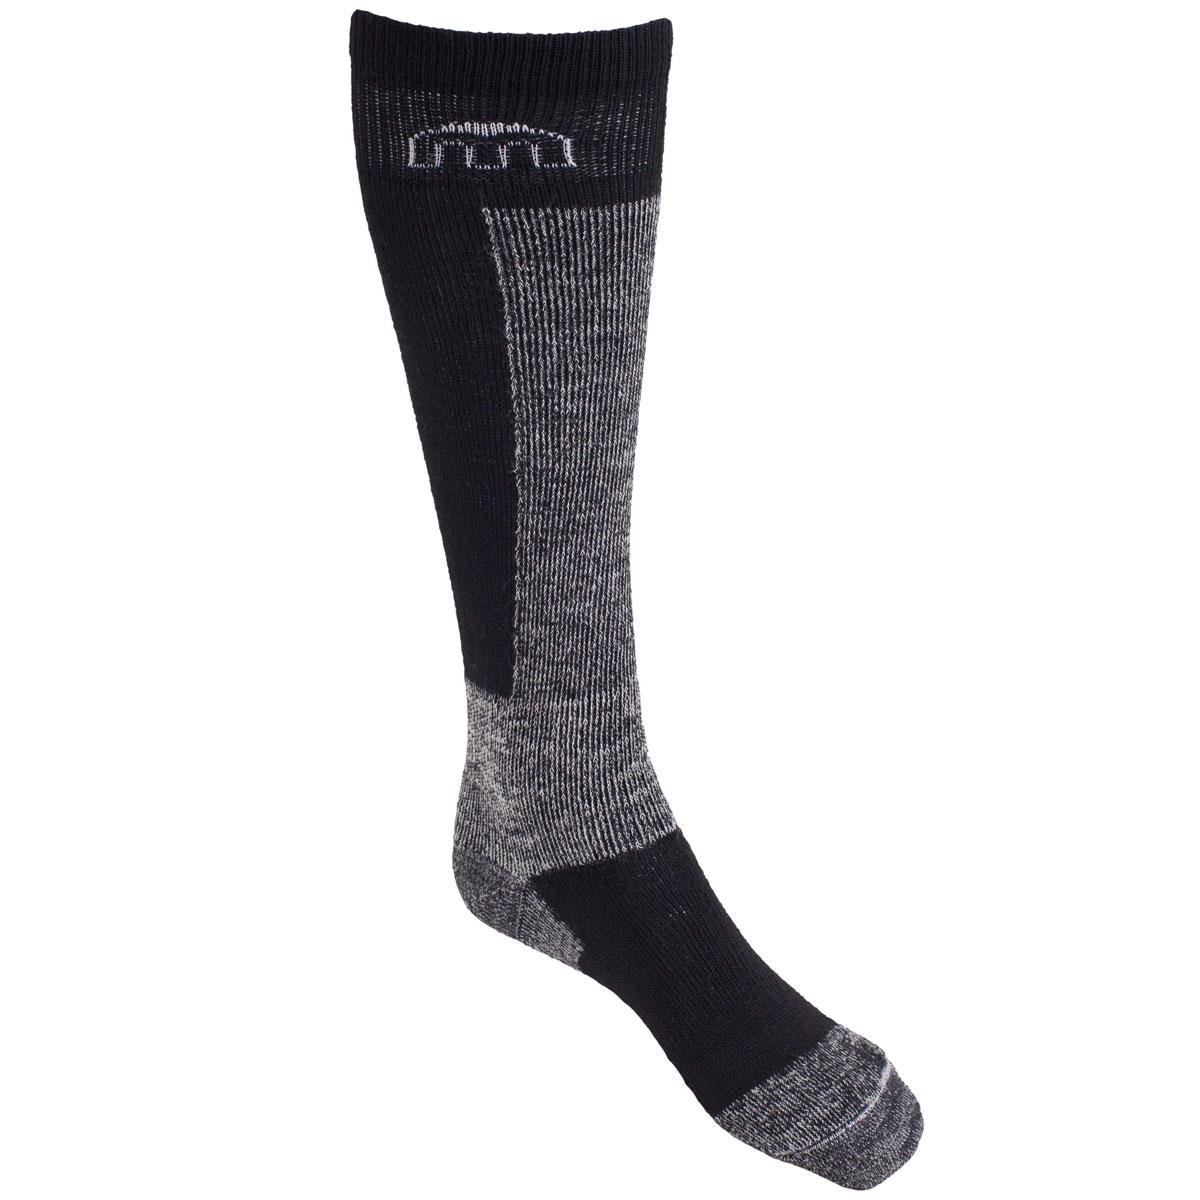 Носки горнолыжные Mico  Ski , цвет: черный. 0250. Размер S (35-37) - Одежда